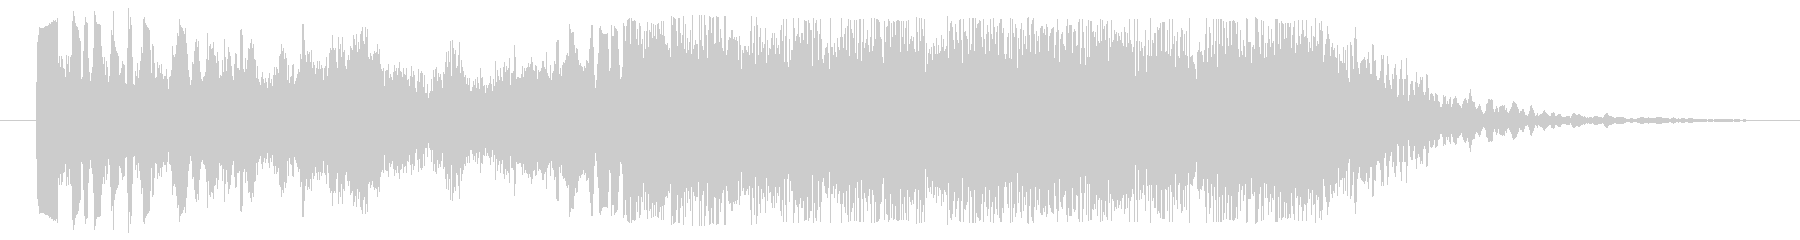 クールなハイクオリティージングル_2の未再生の波形